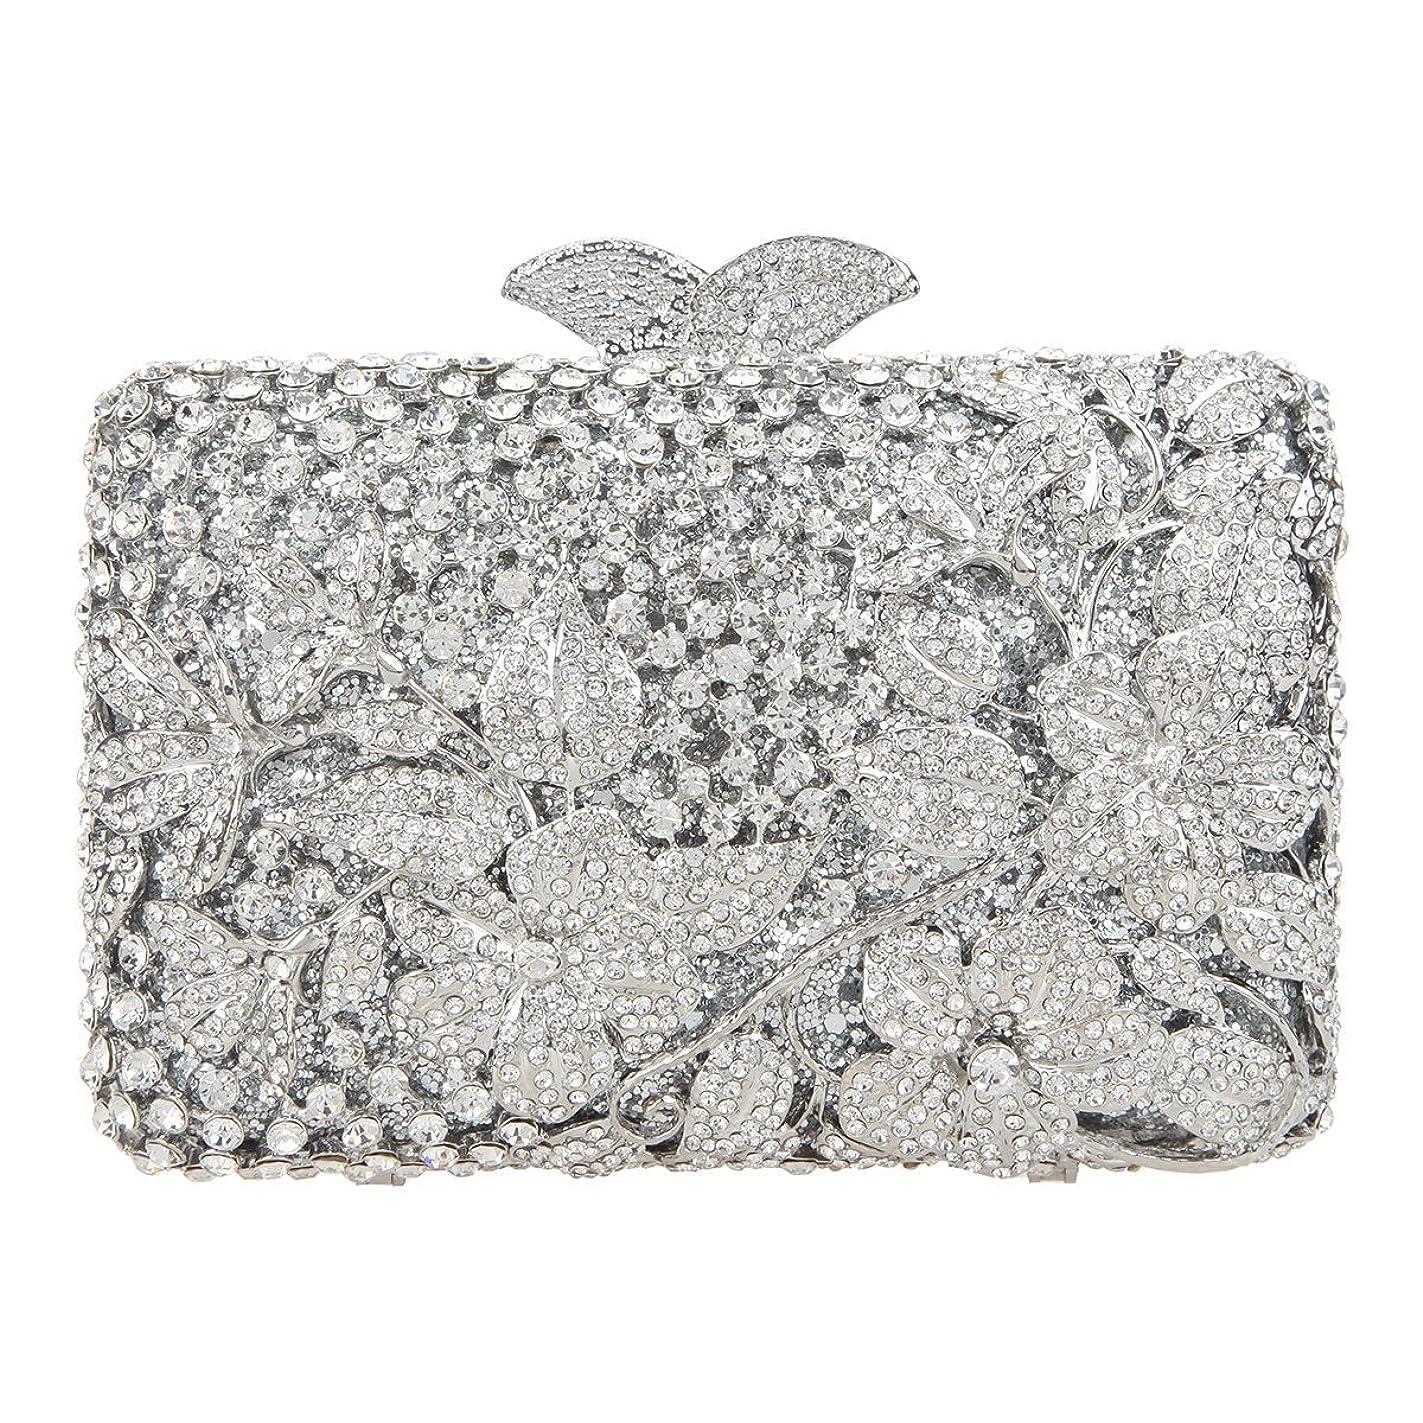 服を片付ける宝石こんにちはFawziya レディース US サイズ: 16(L) x5.5(W) x12(H) cm カラー: シルバー